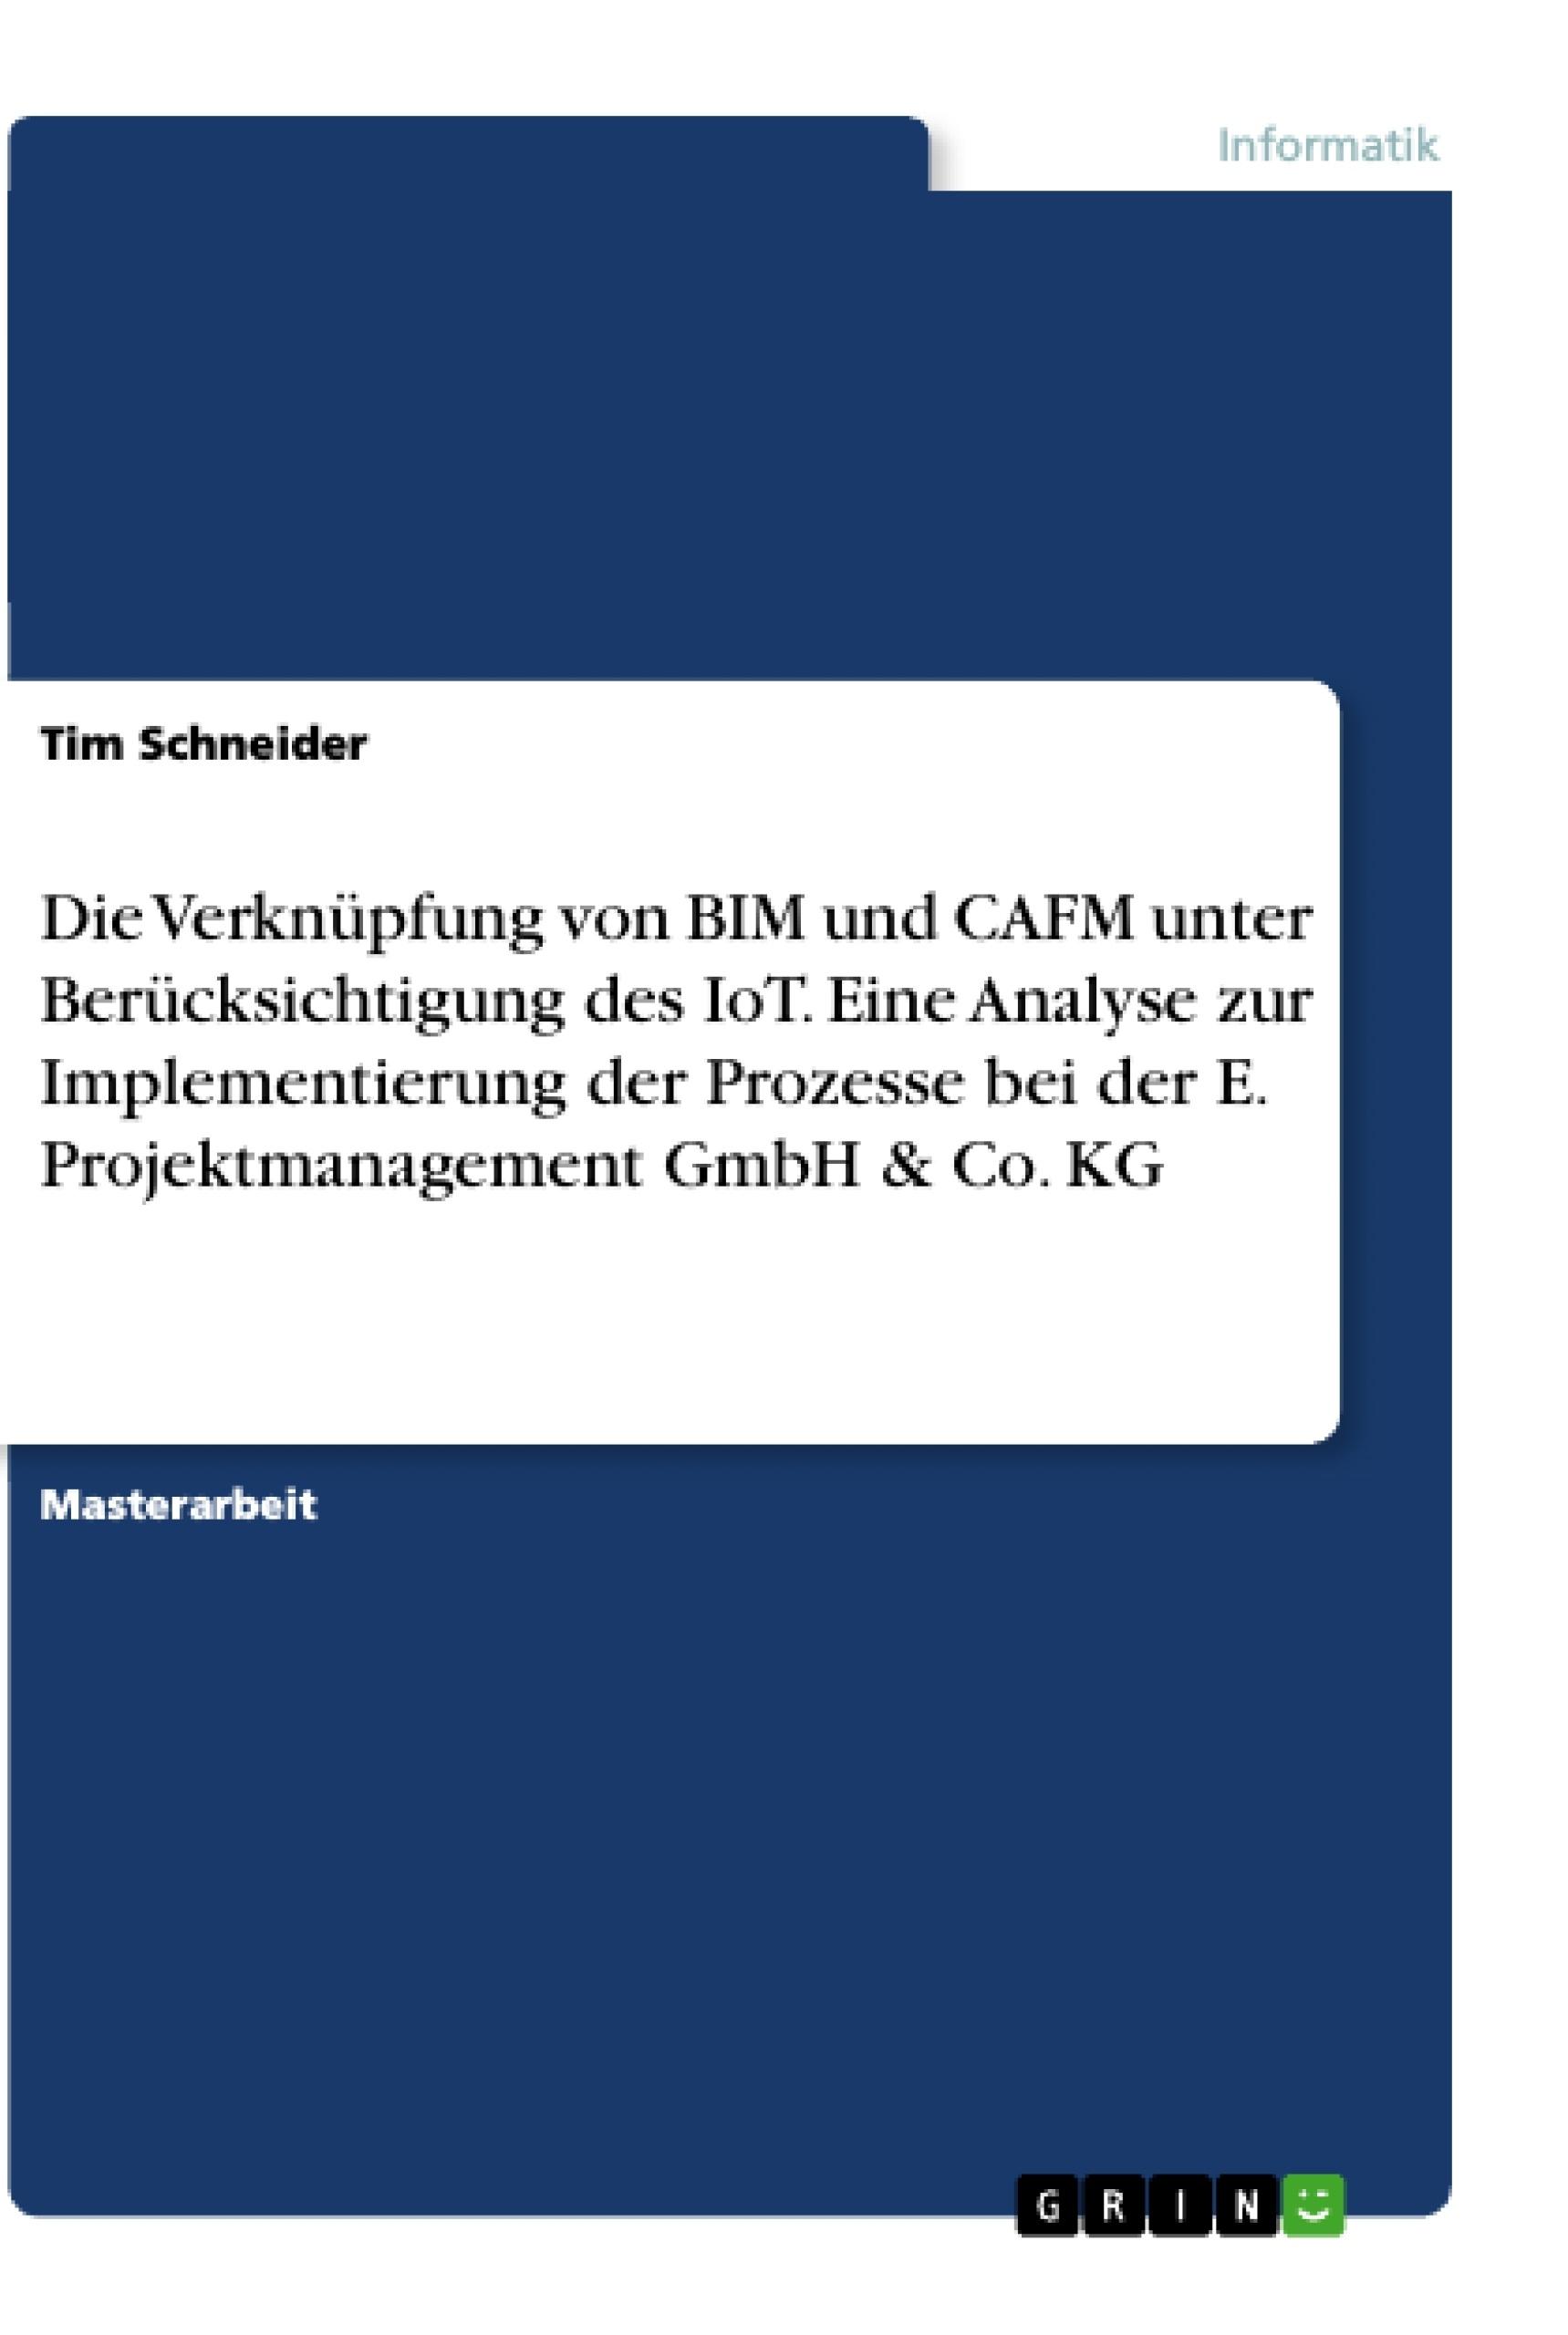 Titel: Die Verknüpfung von BIM und CAFM unter Berücksichtigung des IoT. Eine Analyse zur Implementierung der Prozesse bei der E. Projektmanagement GmbH & Co. KG